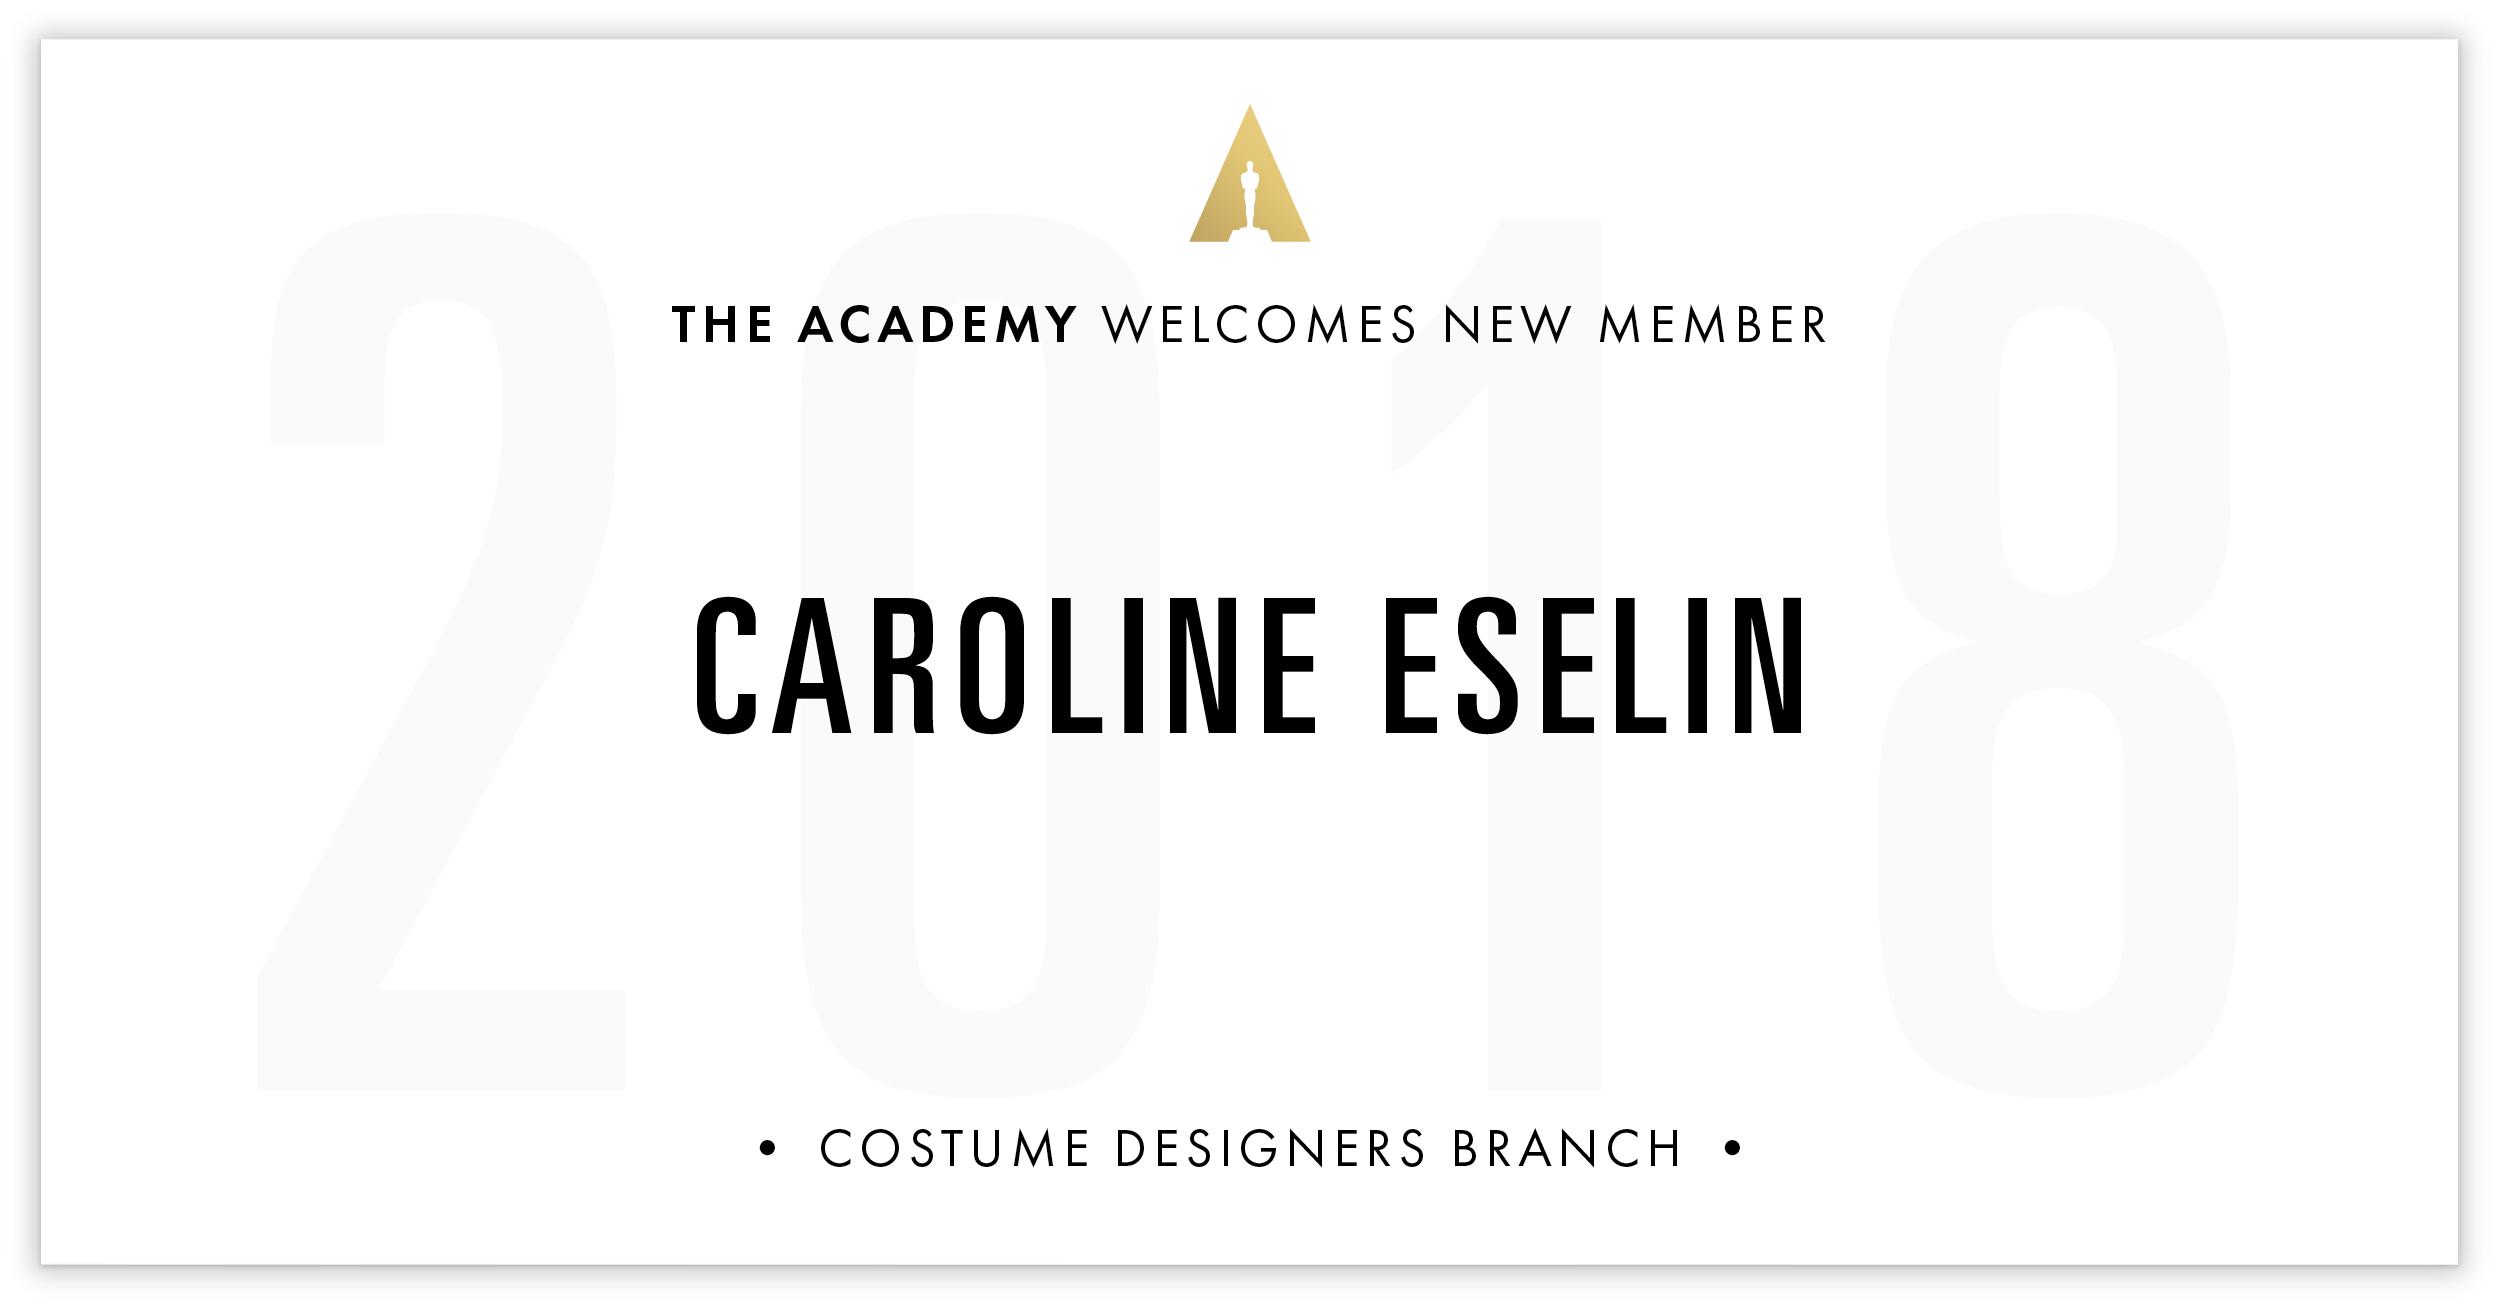 Caroline Eselin is invited!